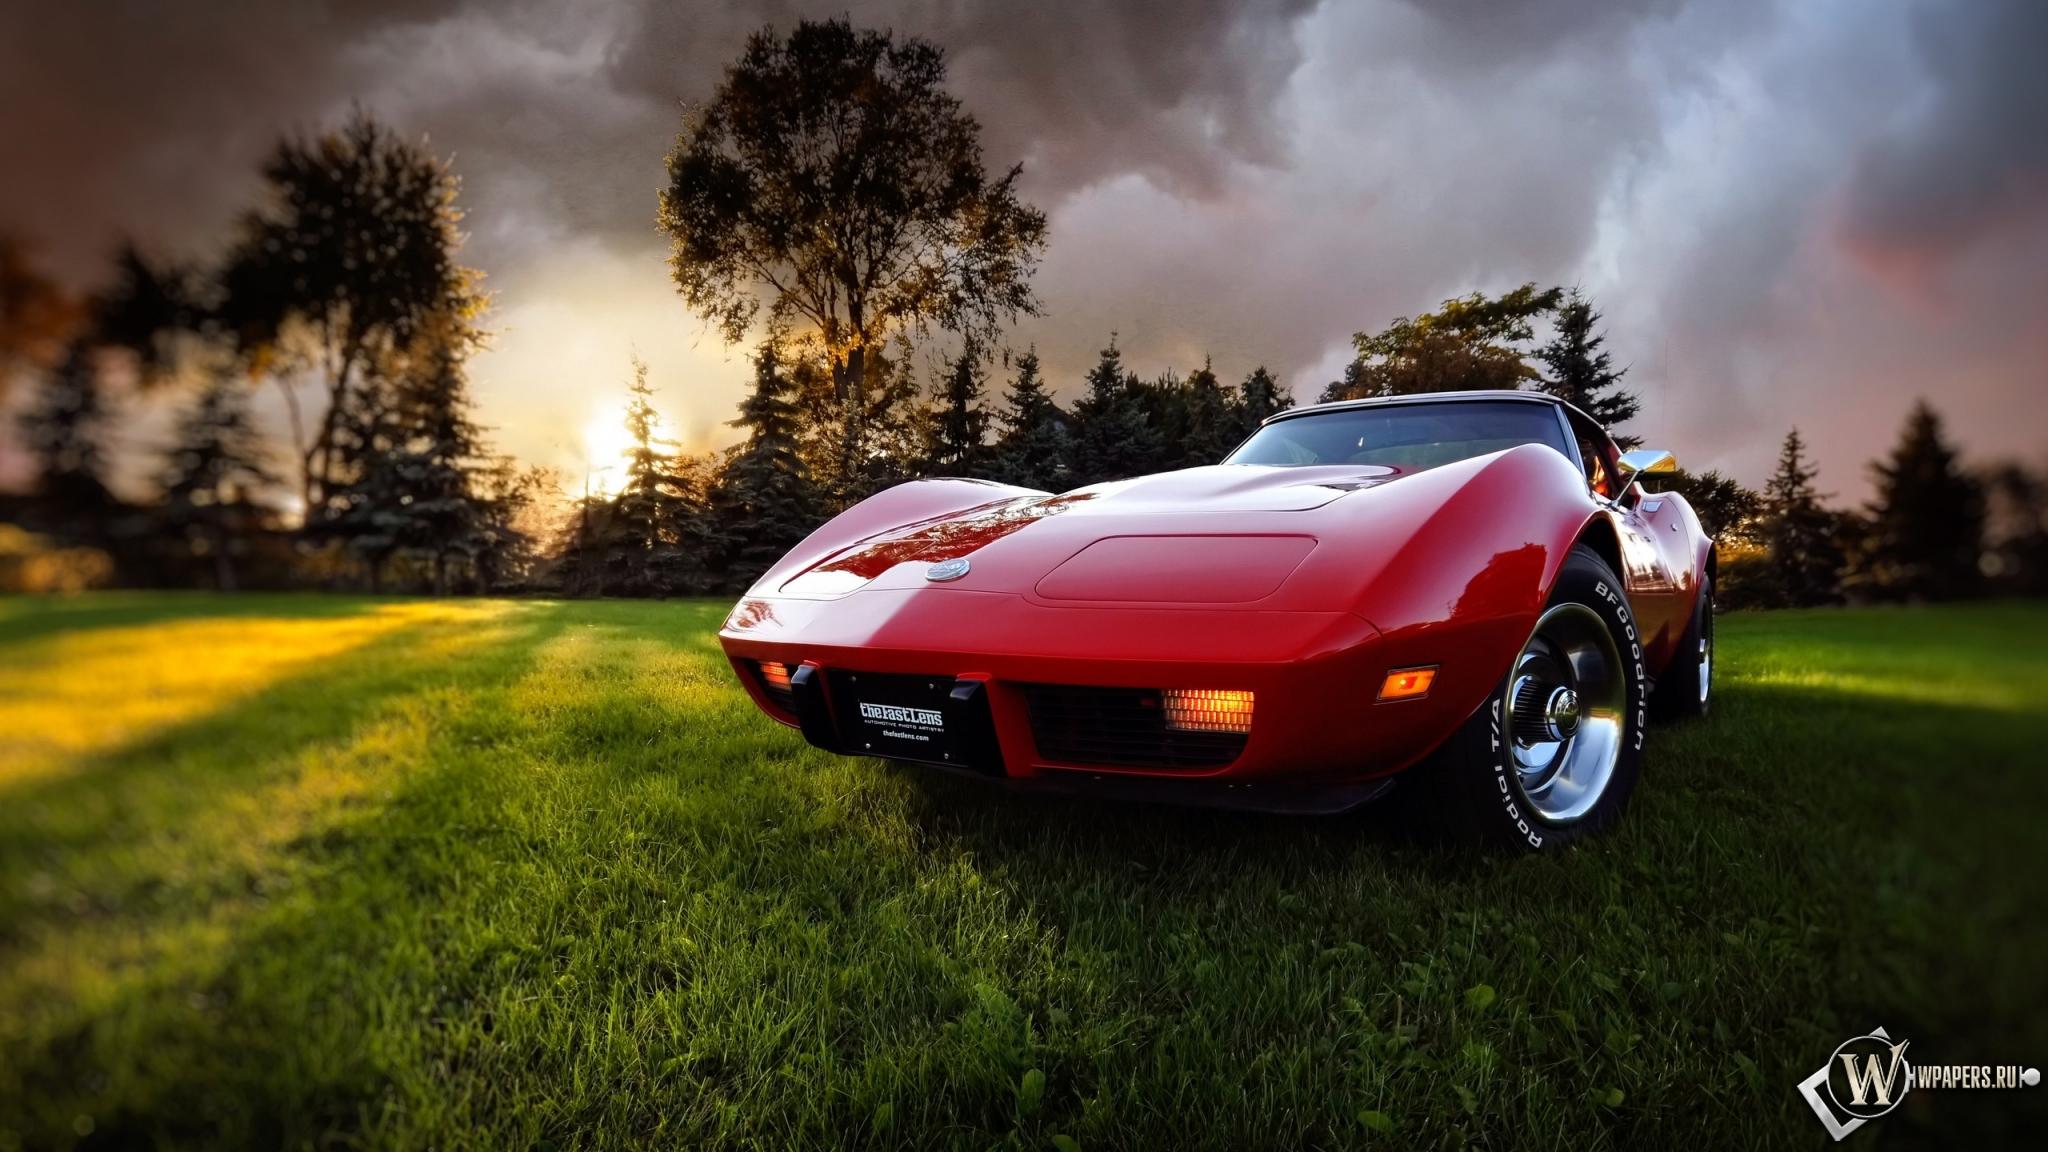 Обои красное авто авто лучи солнца